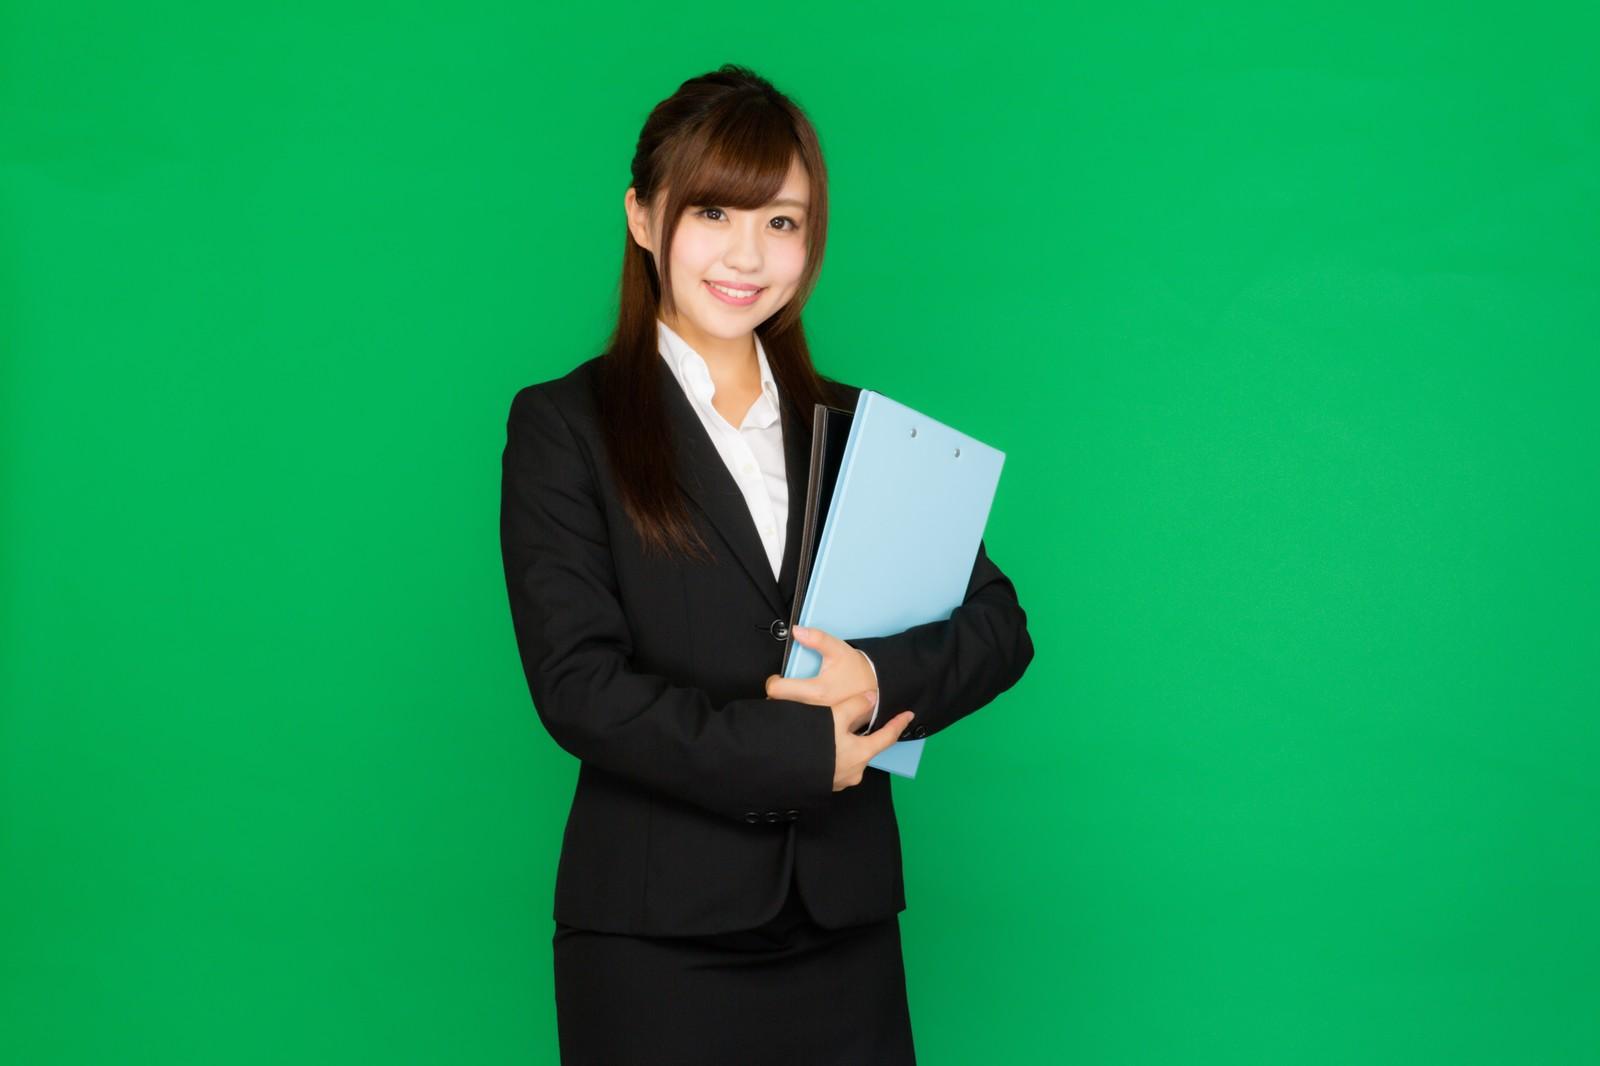 女性社員の力を引き出す画像